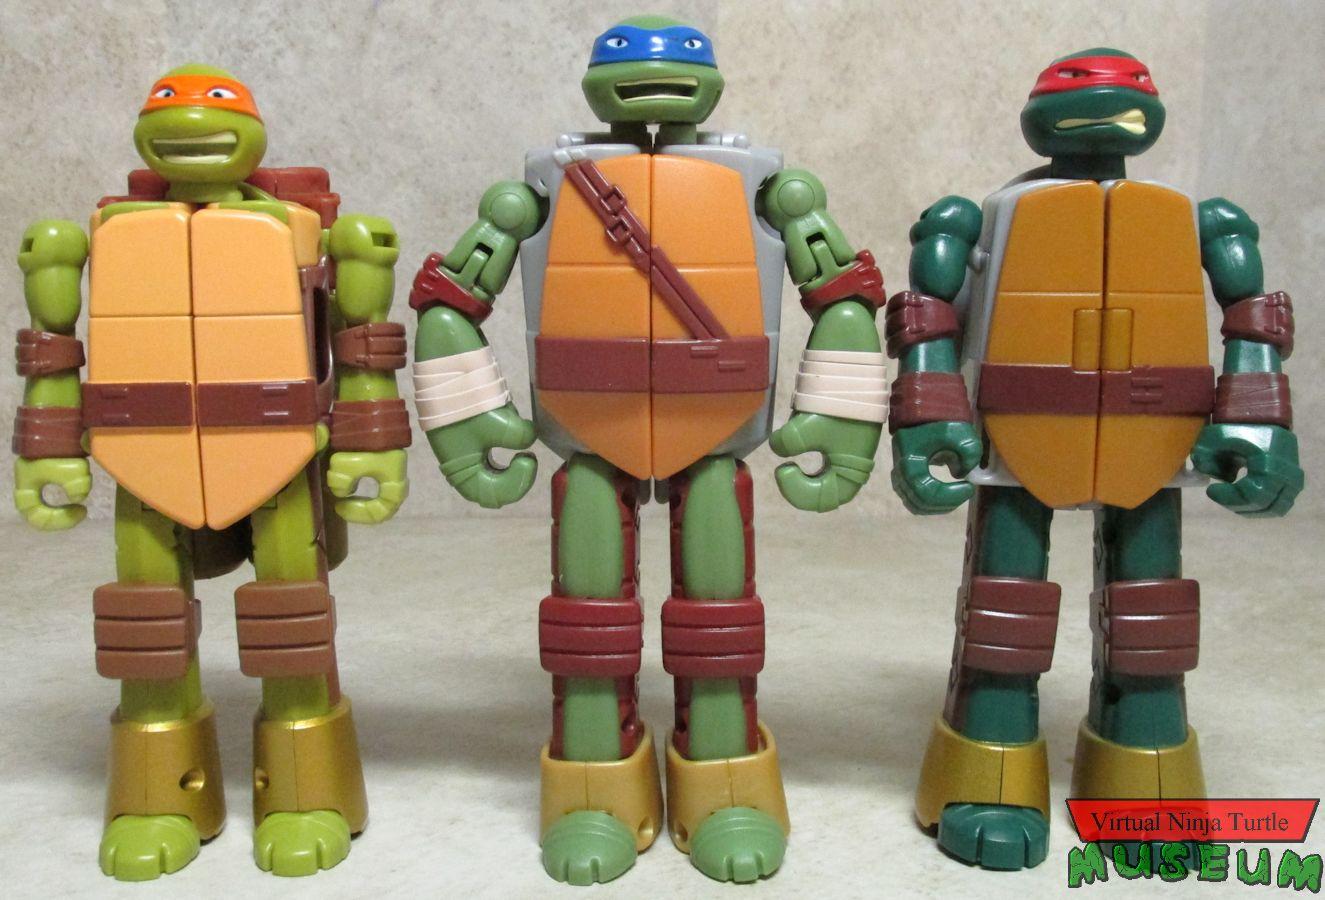 Teenage Mutant Ninja Turtles Mutations Ninja Turtle Into Weapon